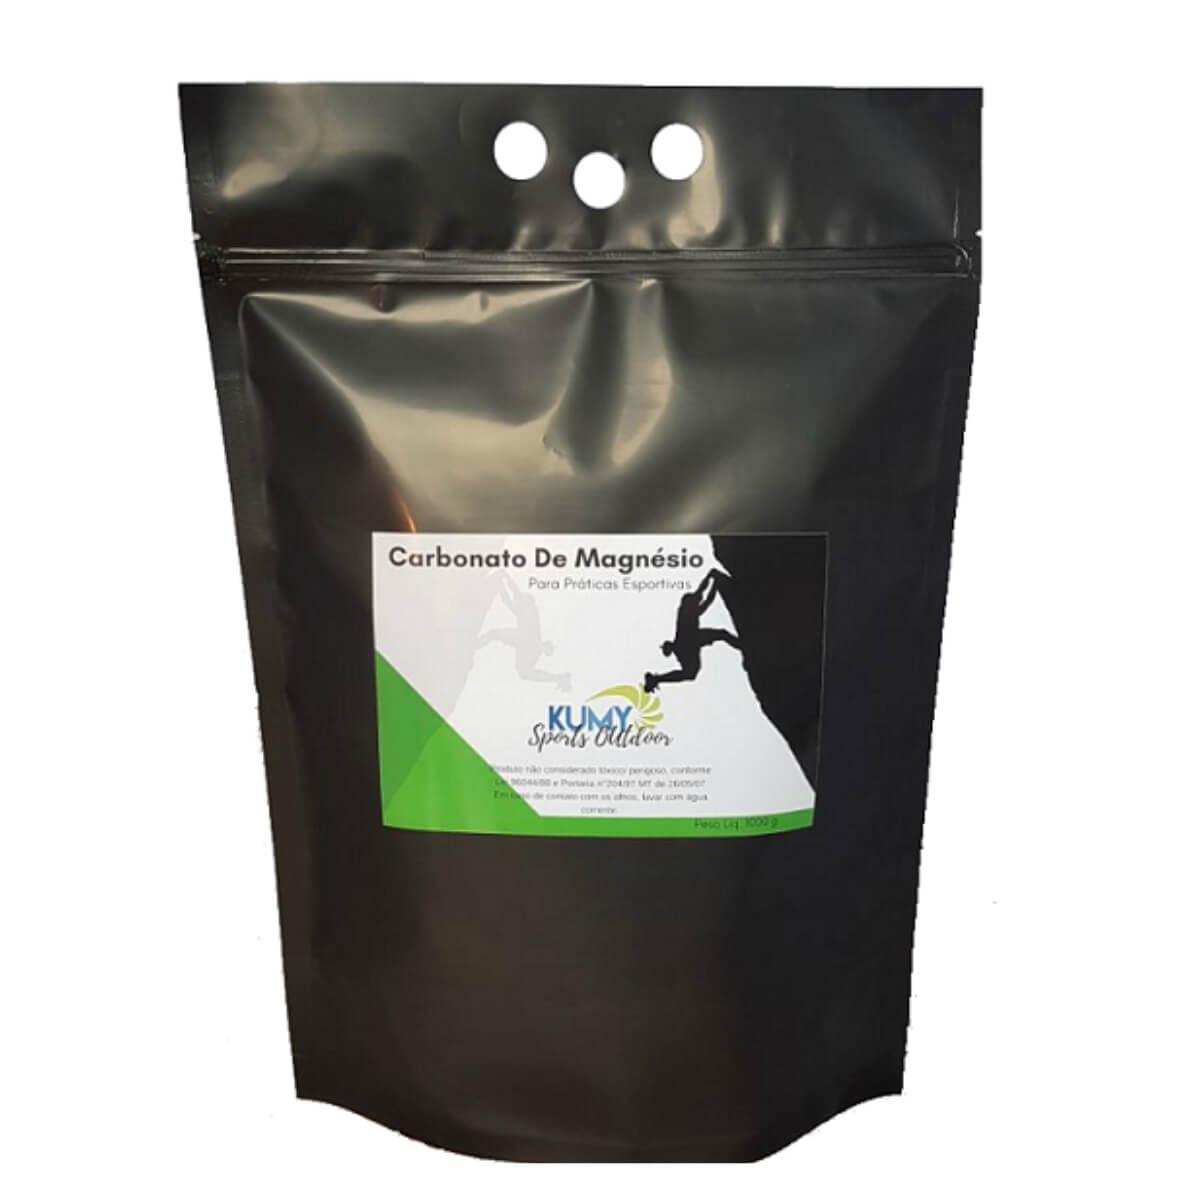 Carbonato De Magnesio 3 Kg - Escalada / Crossfit / Escalada